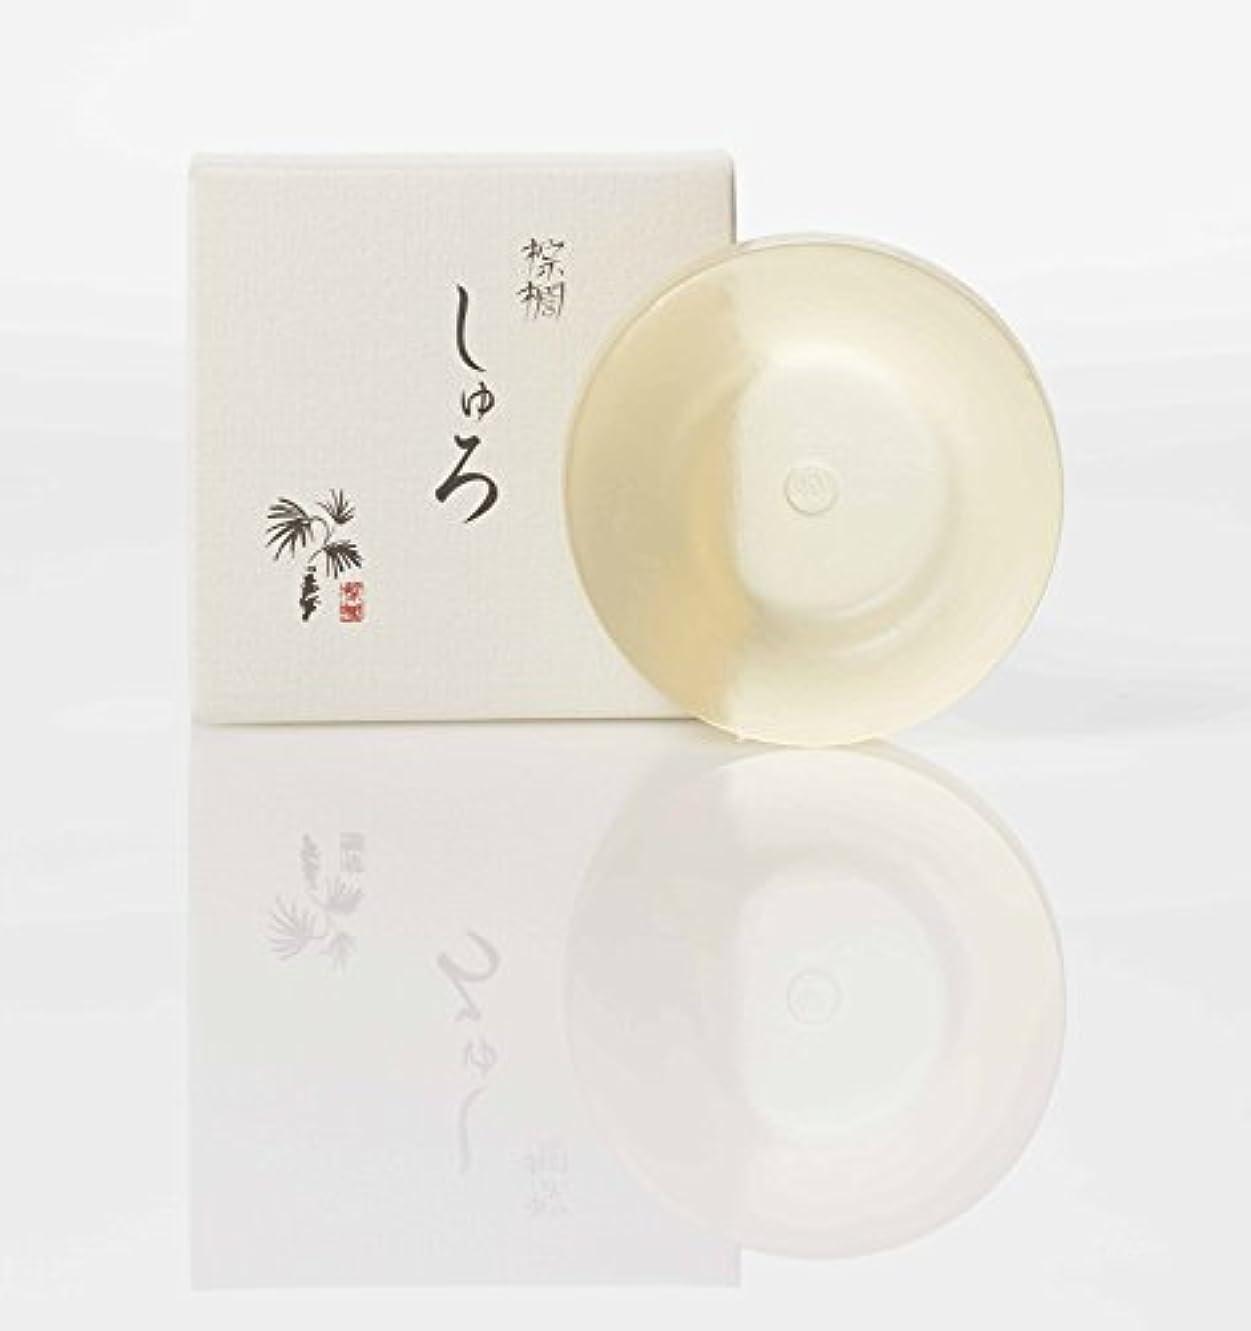 リーチ同意州しゅろ 洗顔せっけん 固形 ソープ 無添加 凝固剤不使用 60g